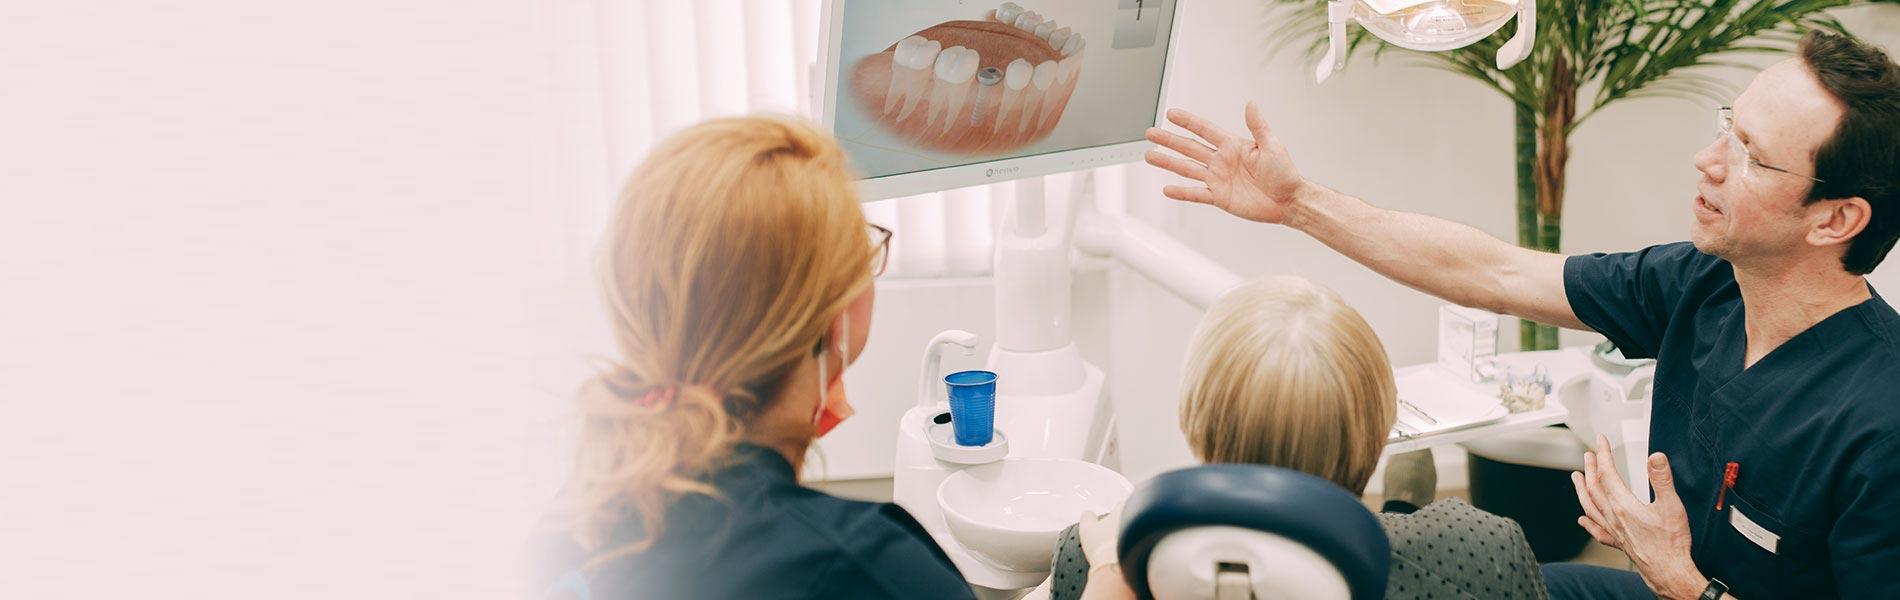 Dr. Sven Kurth, Implantologe aus Falkensee, zeigt die Möglichkeiten mit Zahnimplantaten.